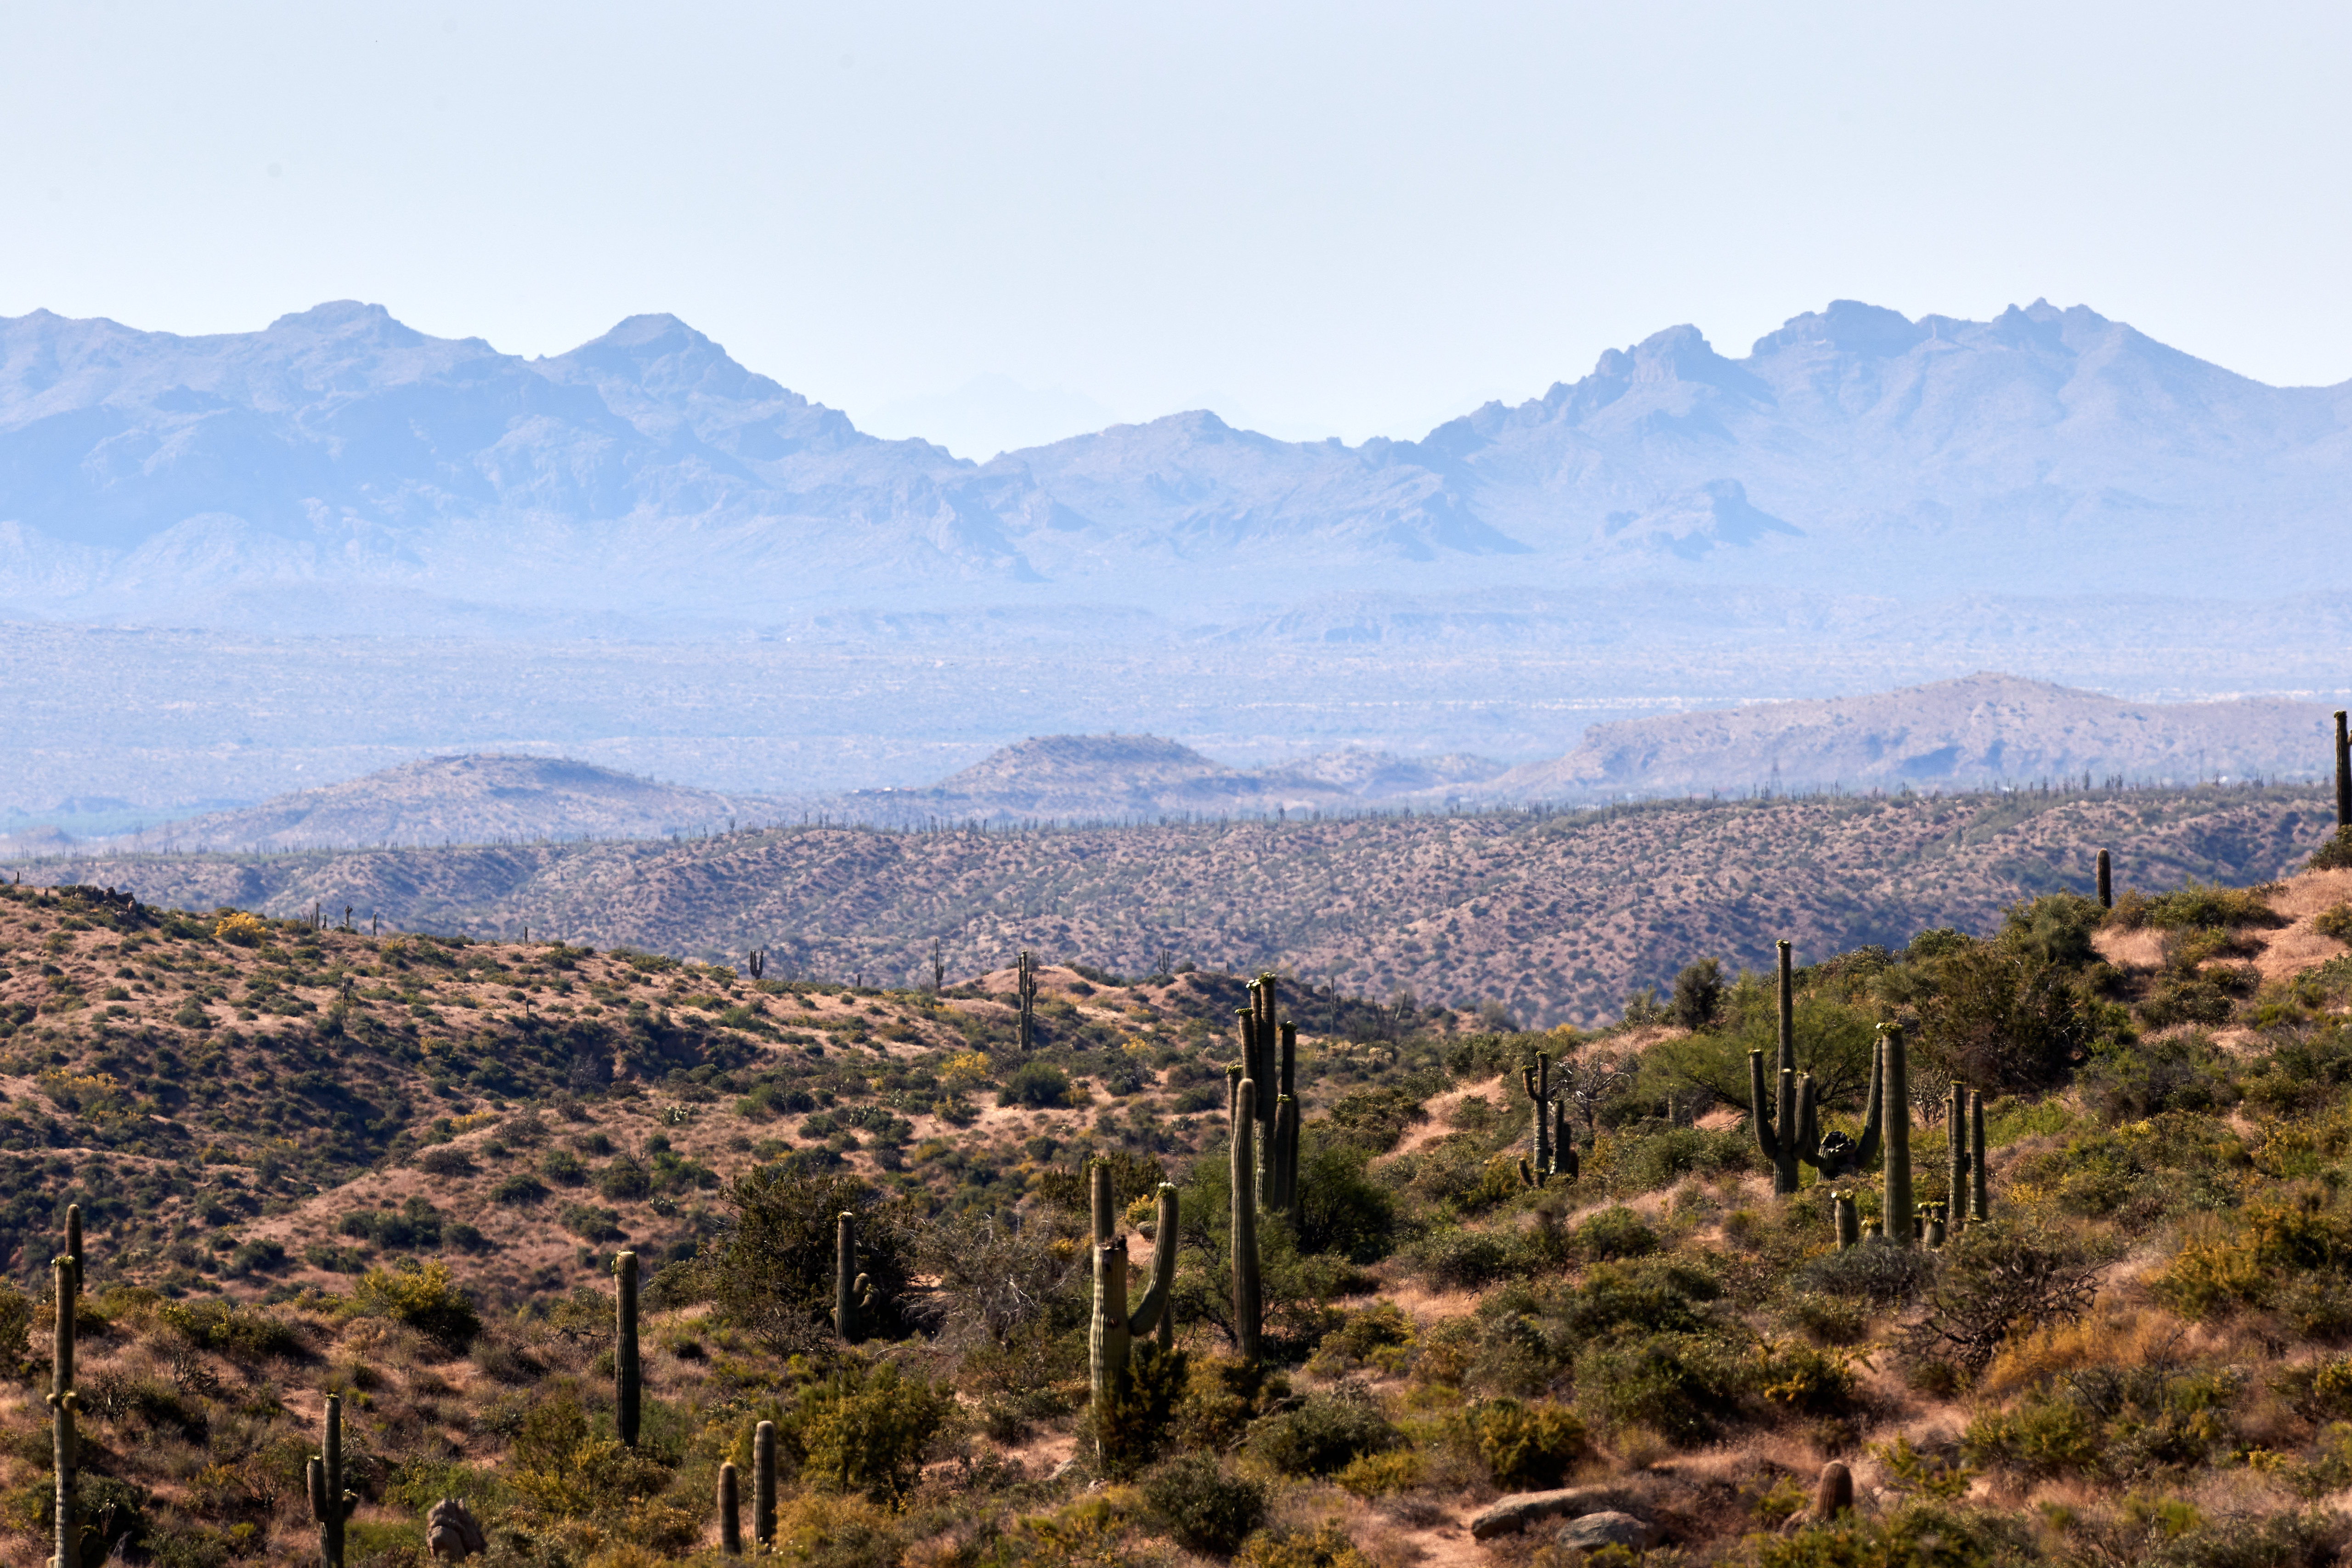 121253 descargar fondo de pantalla Naturaleza, Pradera, Dahl, Distancia, Montañas, Cactus: protectores de pantalla e imágenes gratis